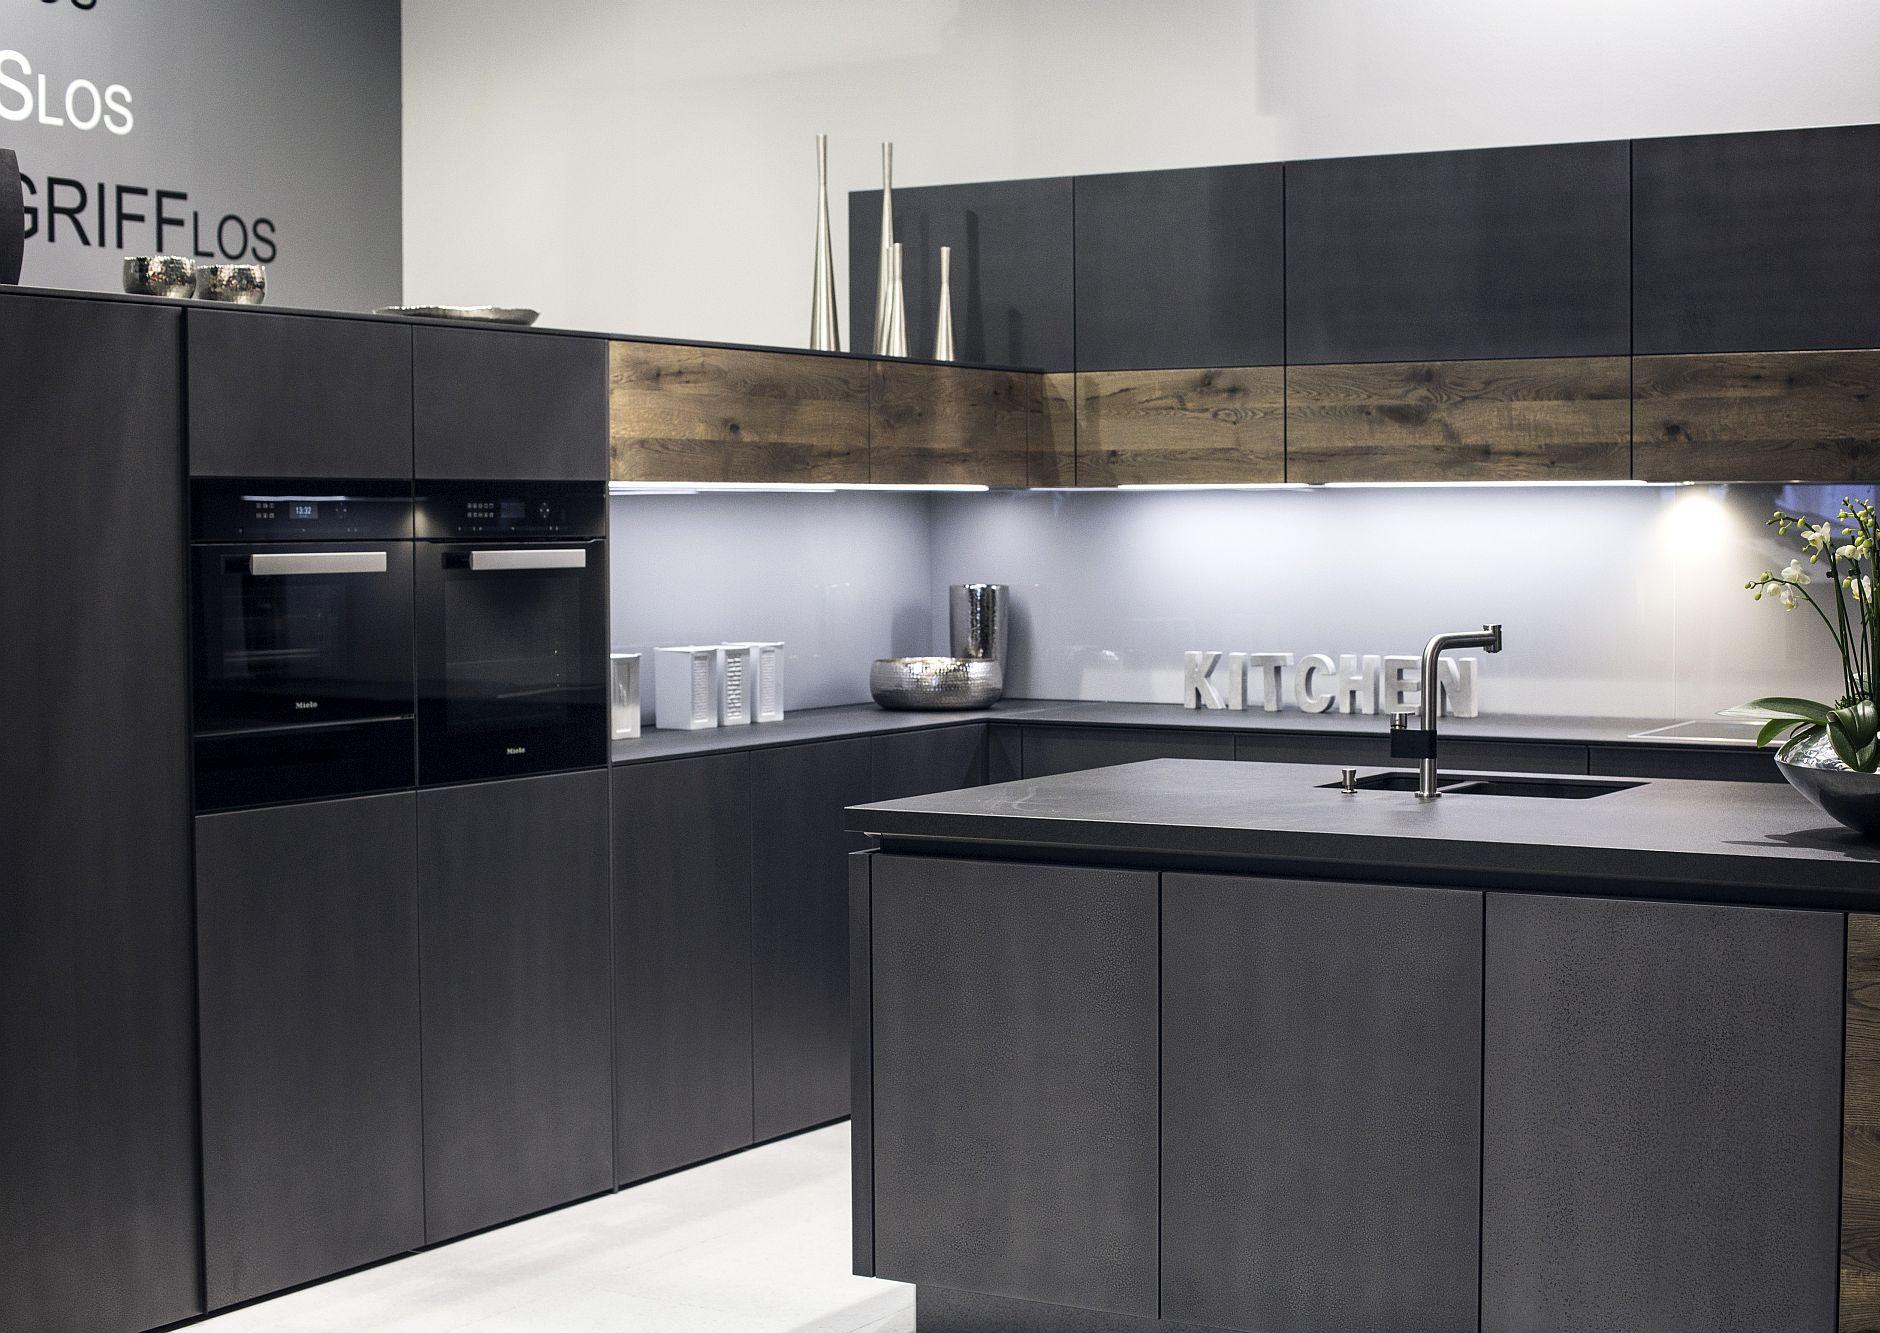 Cовременный дизайн серо-белой кухни, где серый доминирует - фото 4